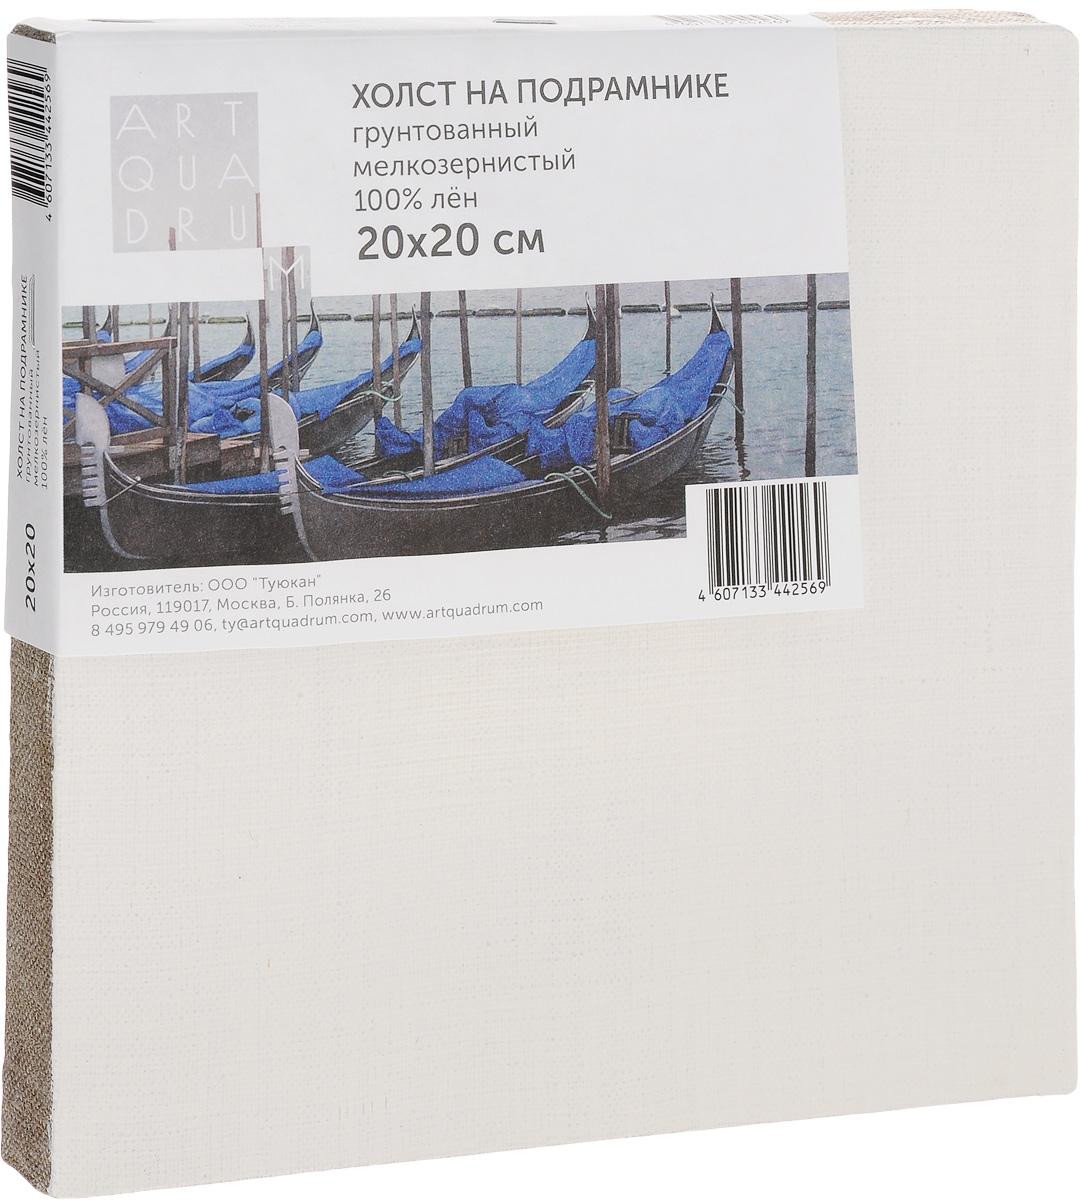 Холст на подрамнике Туюкан Мелкозернистый, 20 х 20 смТ0003817Холст для живописи грунтованный на подрамнике. Идеально подходит для работы маслом, акрилом. 100% лен.